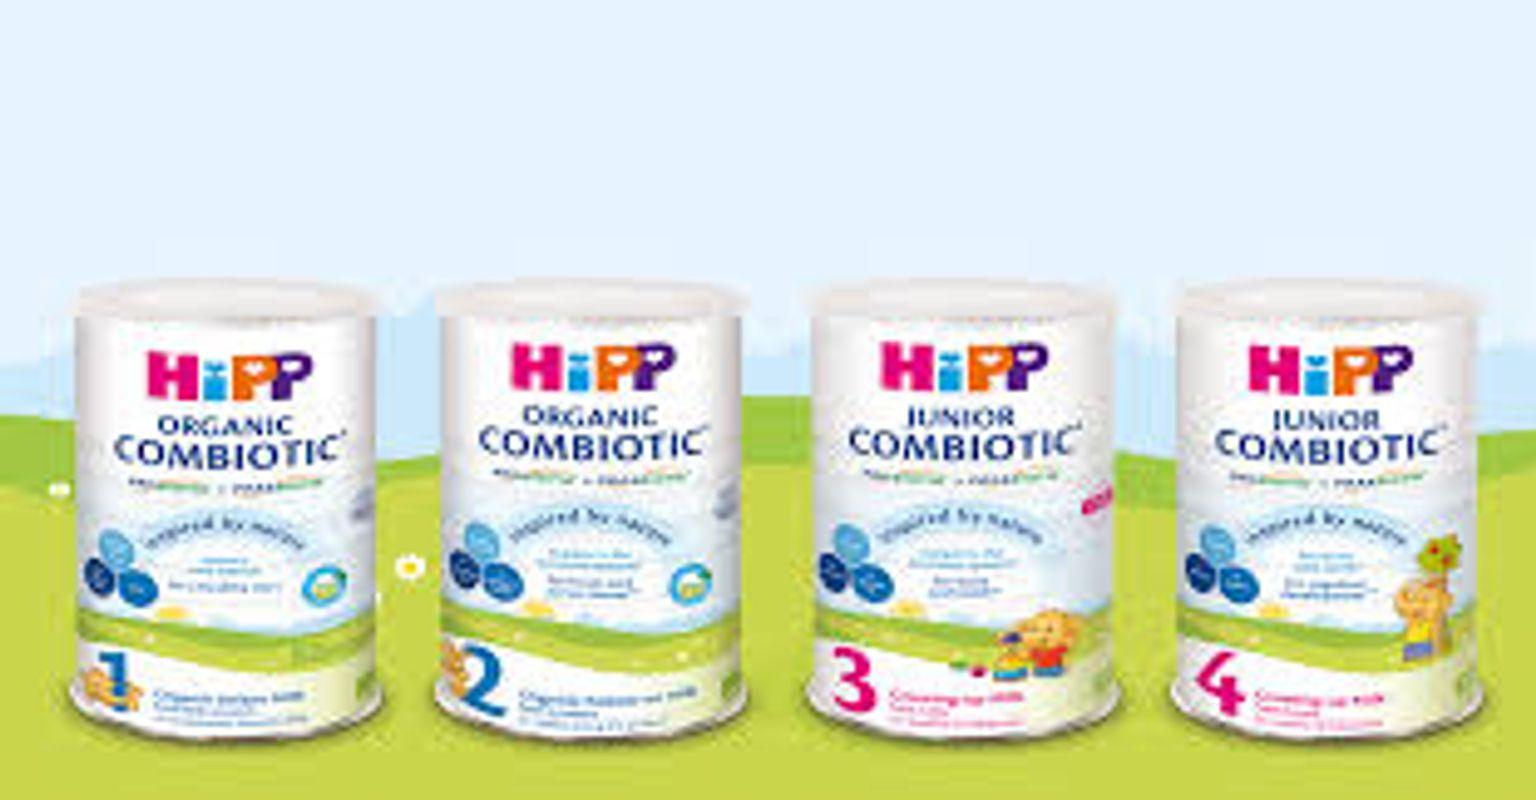 Sữa Hipp Có Tốt Không? Có Giúp Bé Tăng Cân Không?